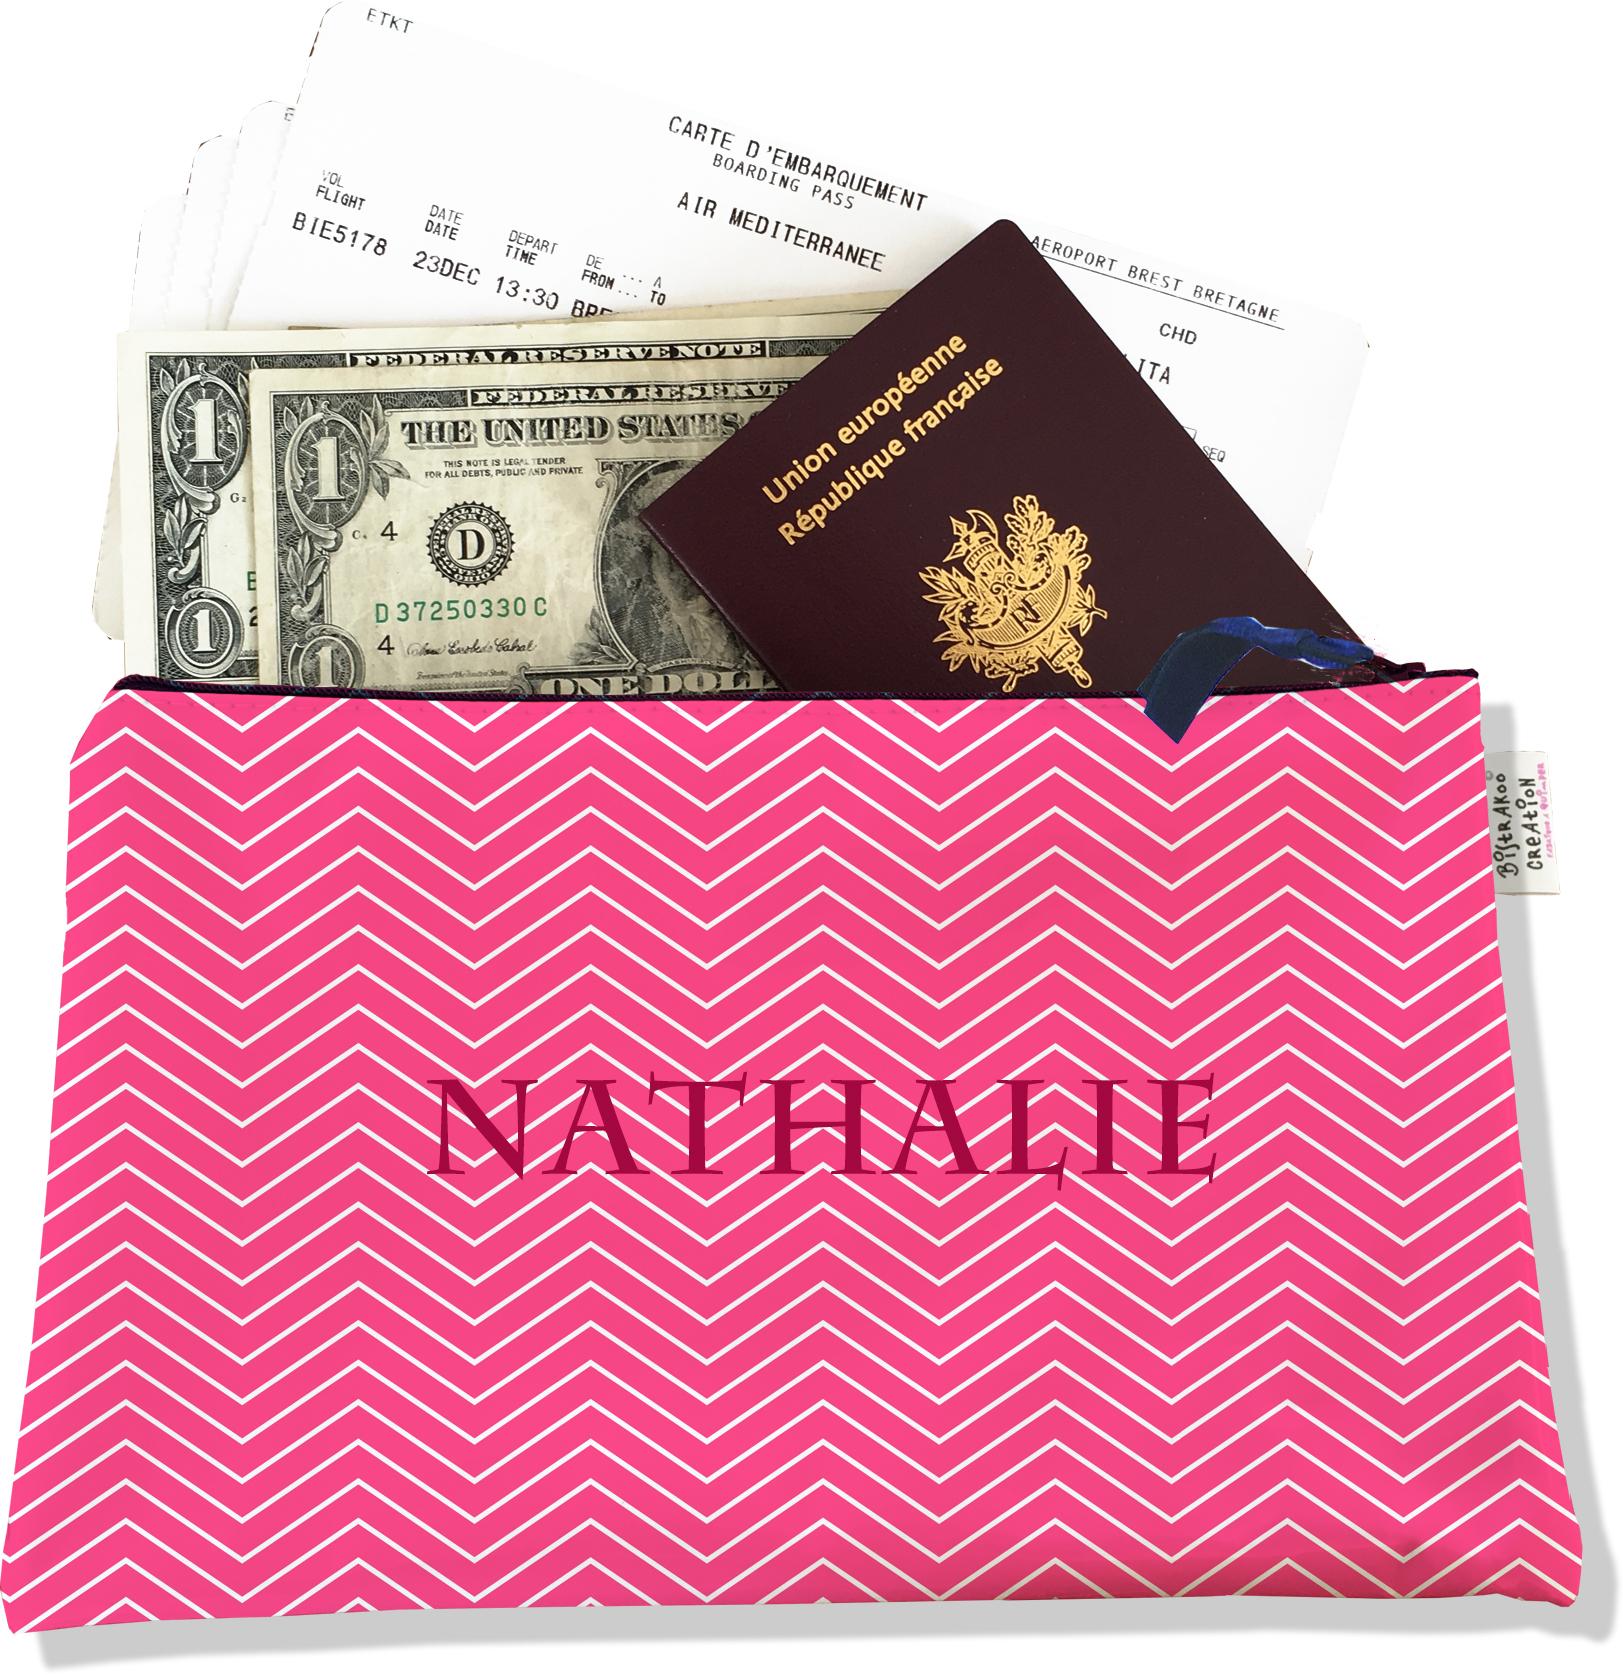 Pochette voyage personnalisable, porte documents pour femme motif chevrons blancs fond rose P2086-2015